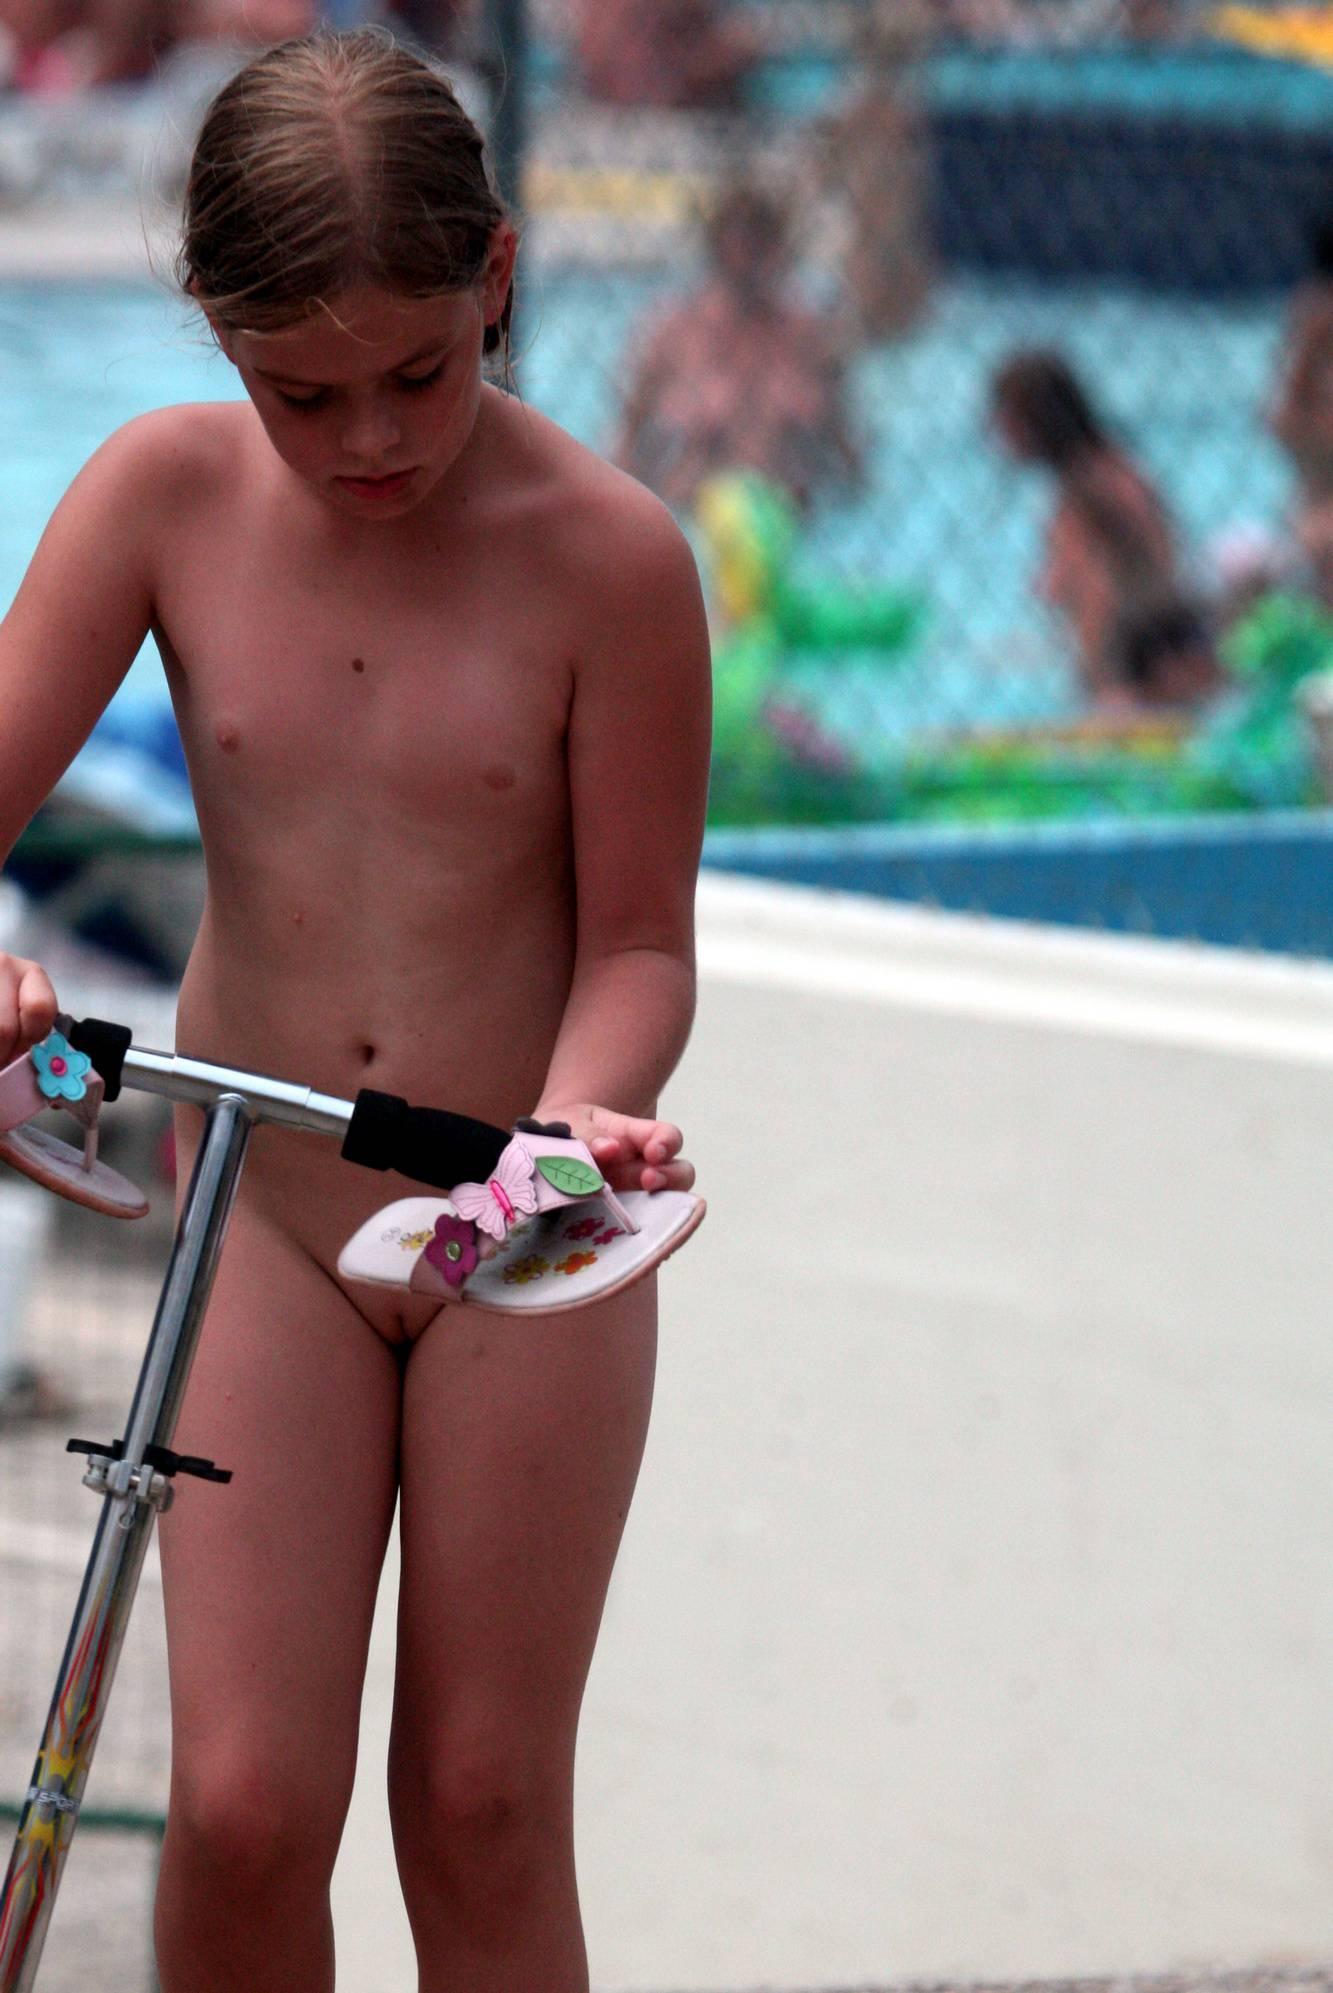 Nudist Pics Pool-Side Naturist Scooter - 1